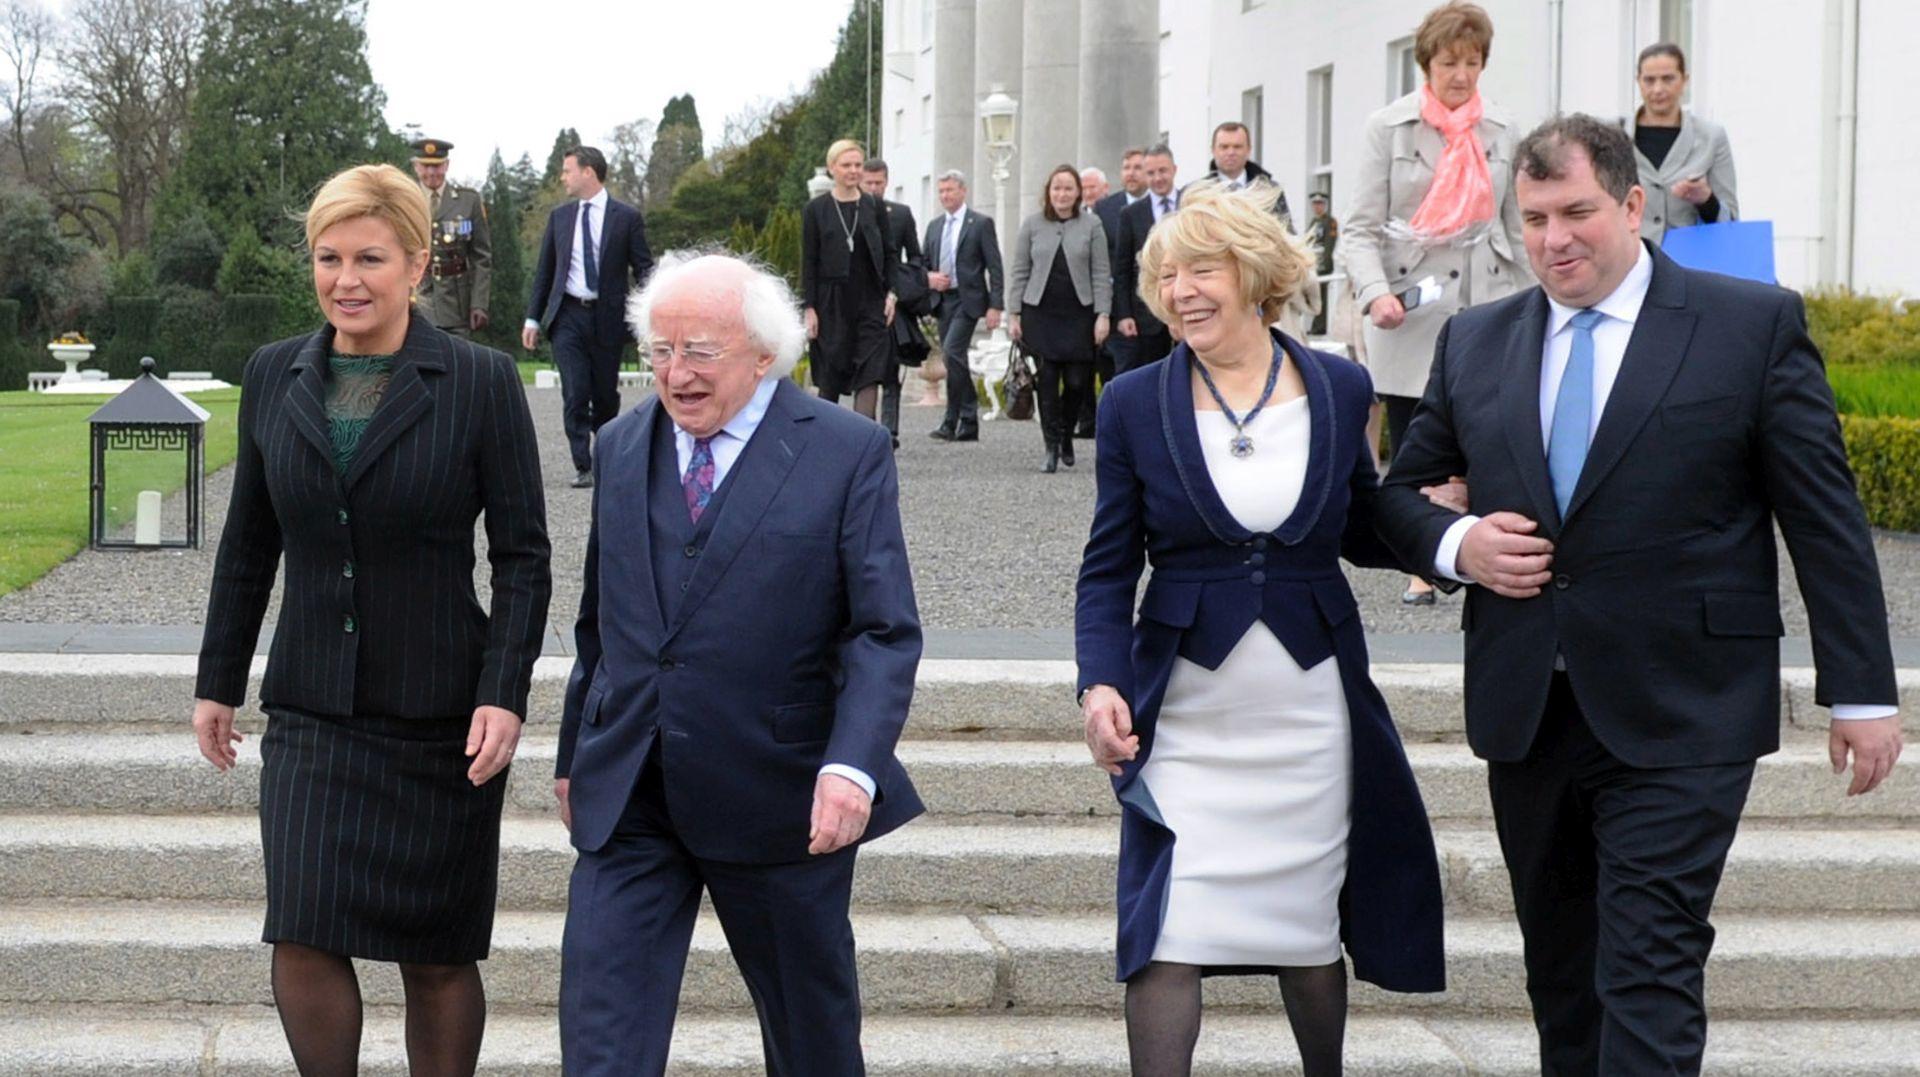 GRABAR KITAROVIĆ 'Hrvatska i Irska za EU jednakopravnih država'